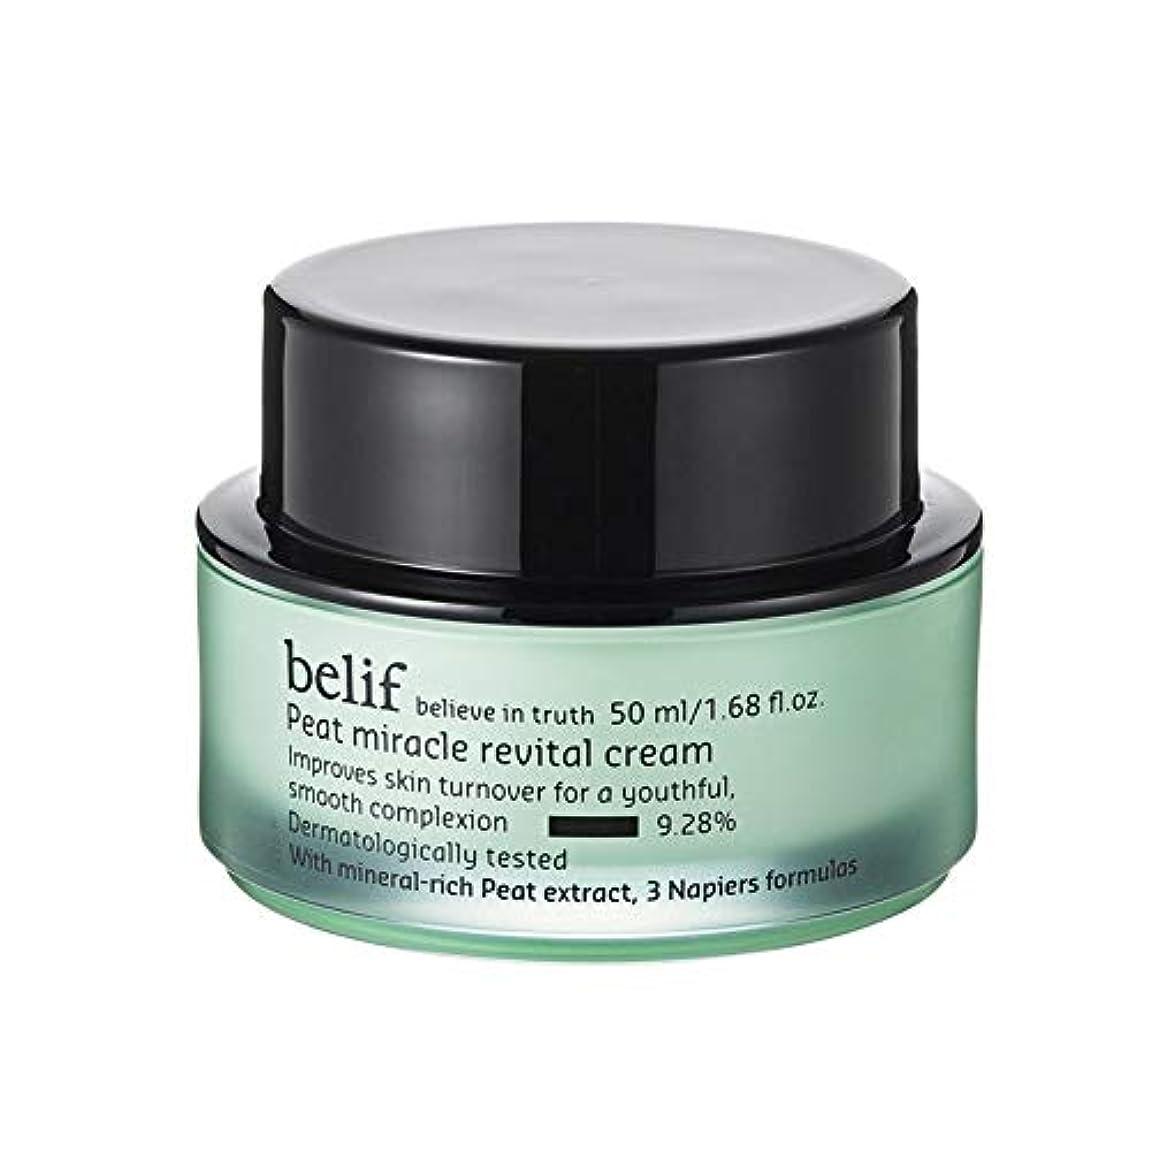 宿題をするインポートバックアップビリープフィートミラクルリバイタルクリーム50ml韓国コスメ、belif Peat Miracle Revital Cream 50ml Korean Cosmetics [並行輸入品]